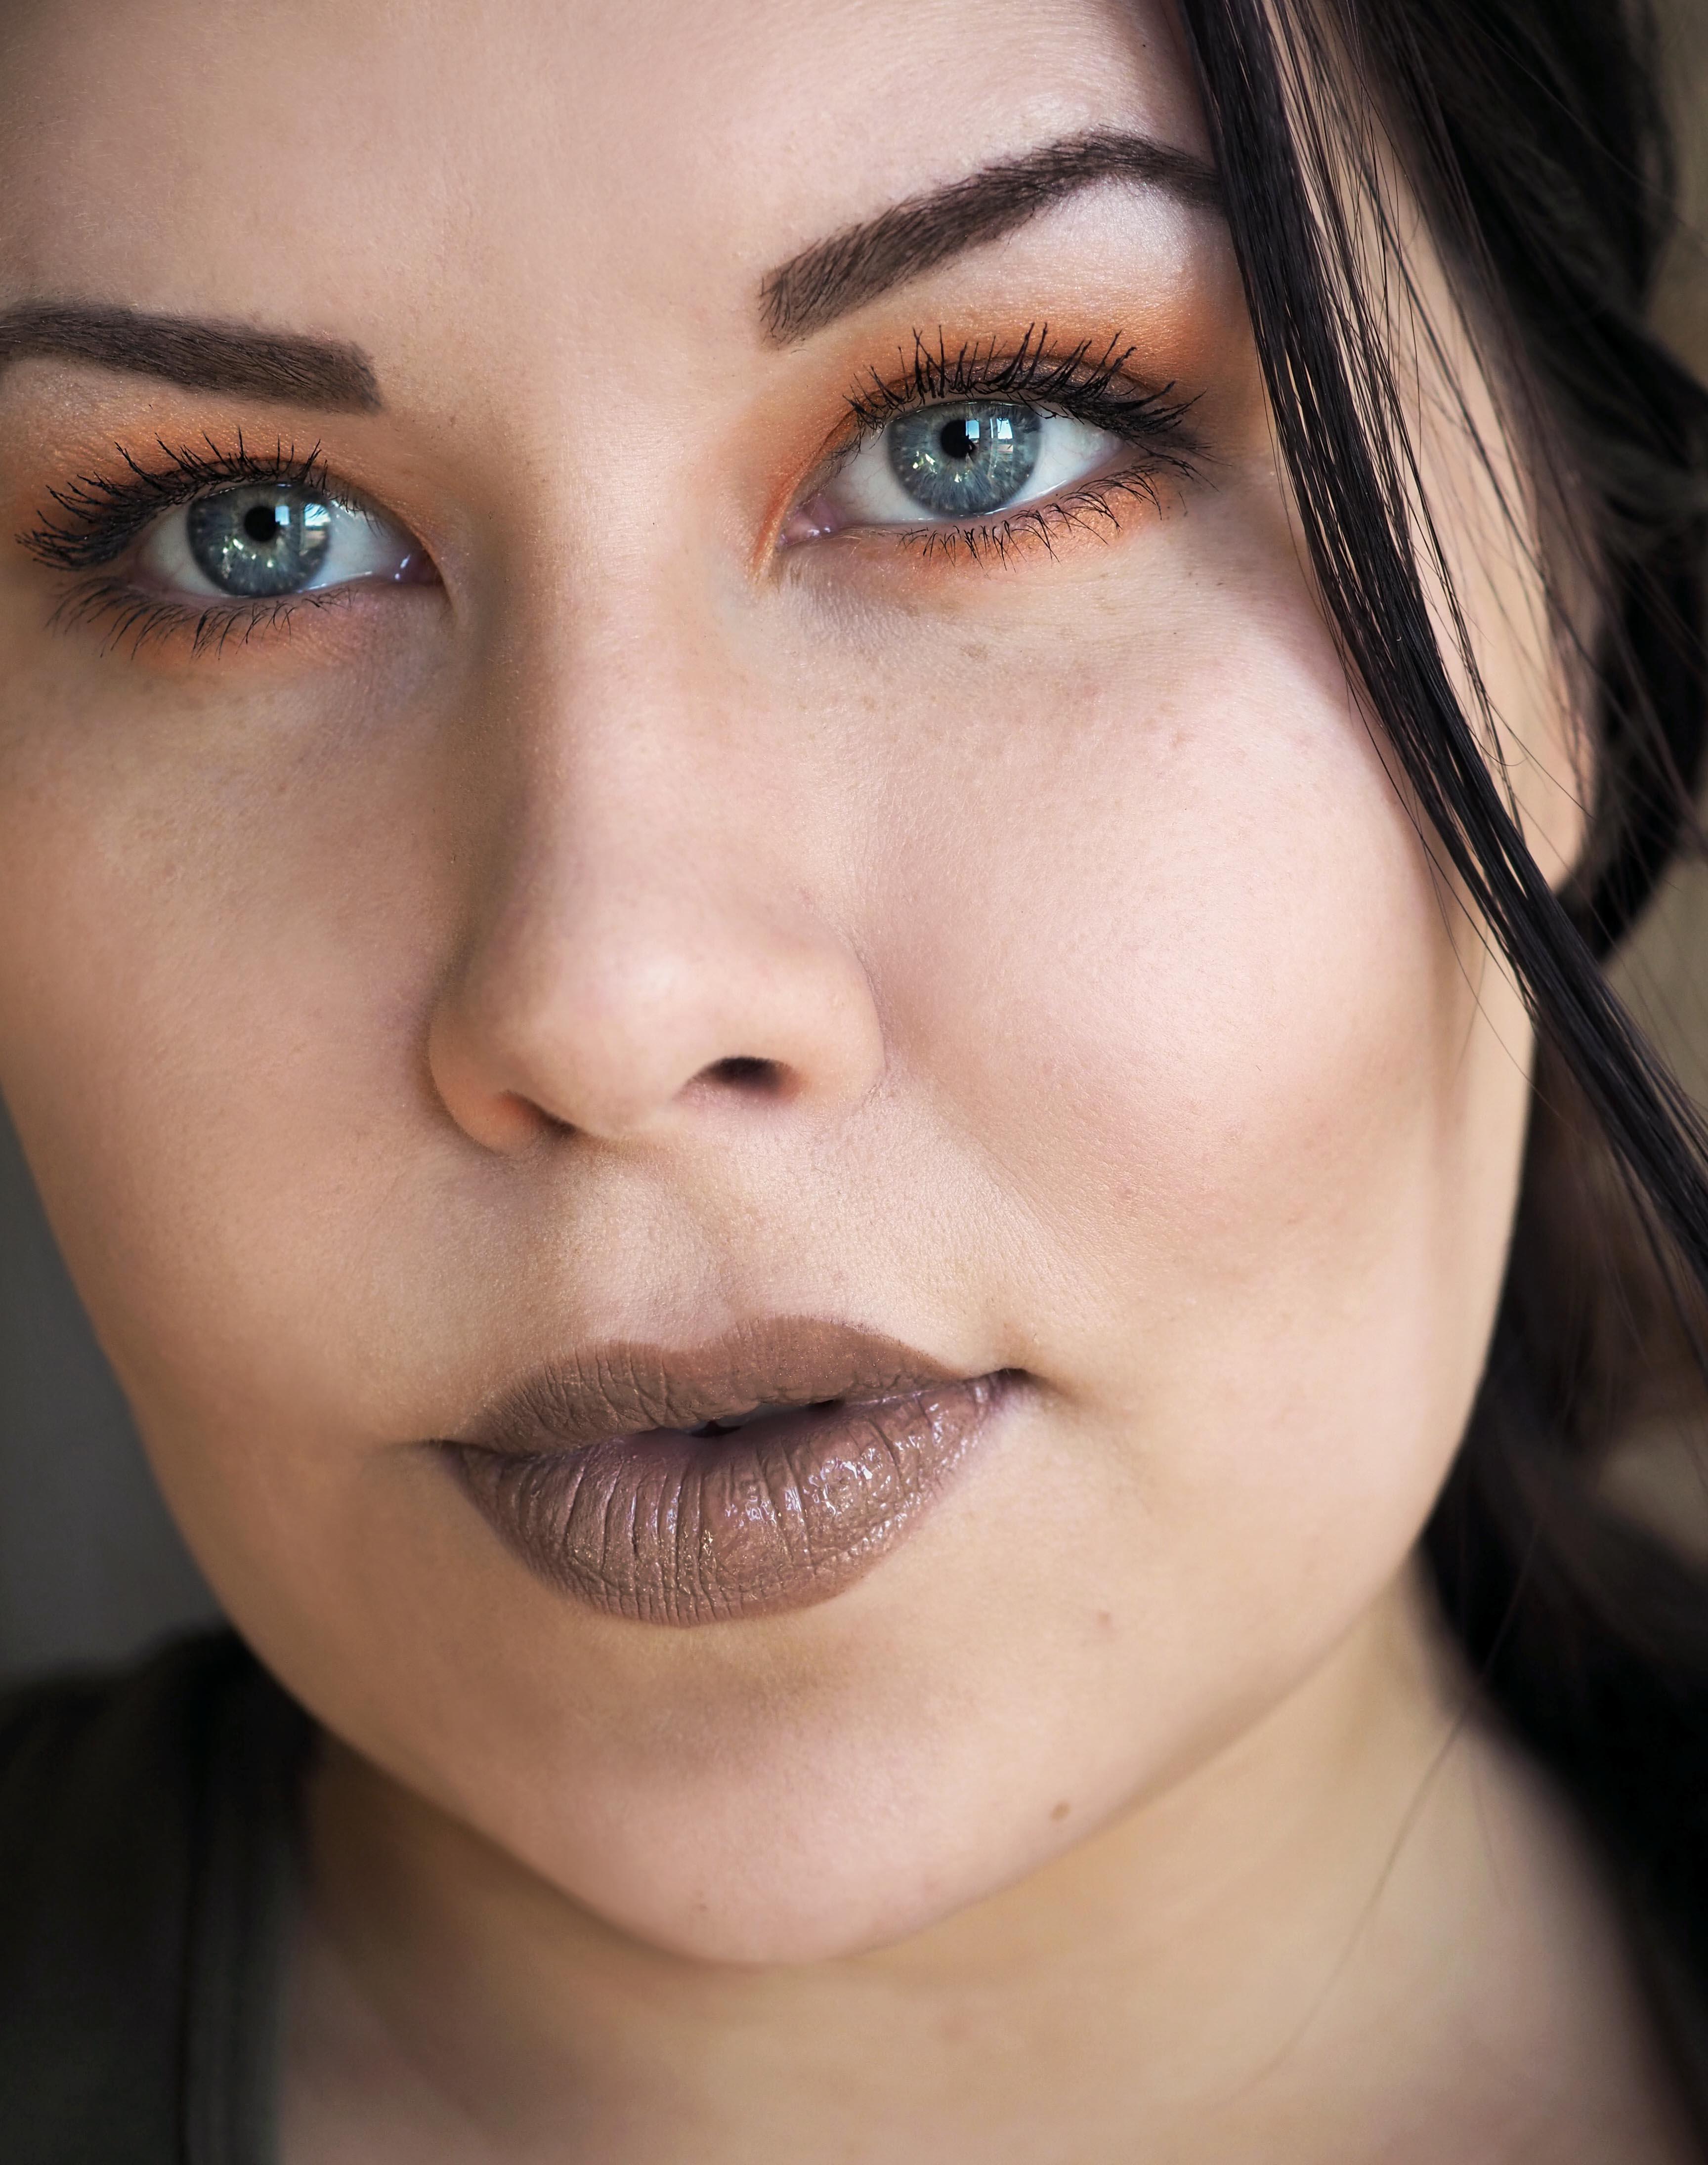 Kesäinen meikki luonnonkosmetiikalla